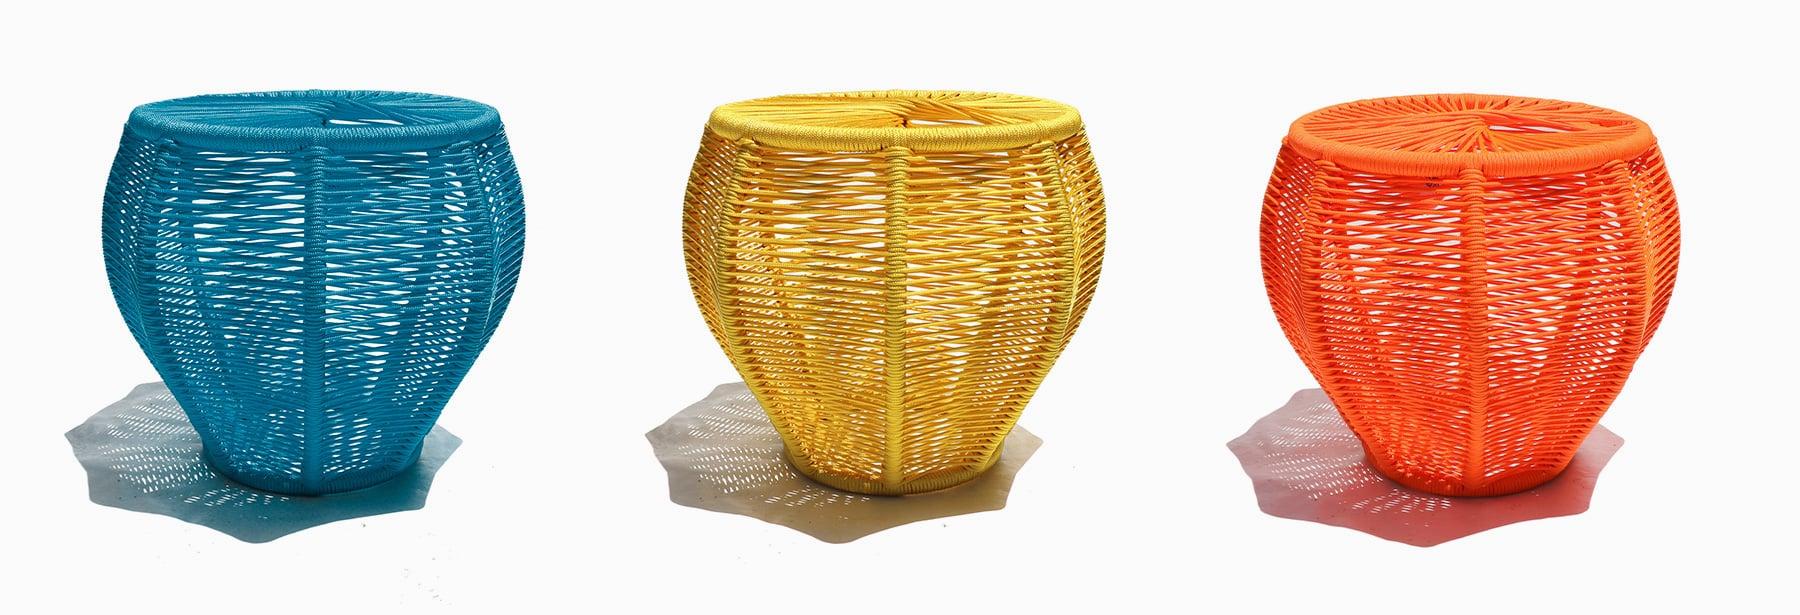 Sregio J. Matos's Carambola stools in three colors